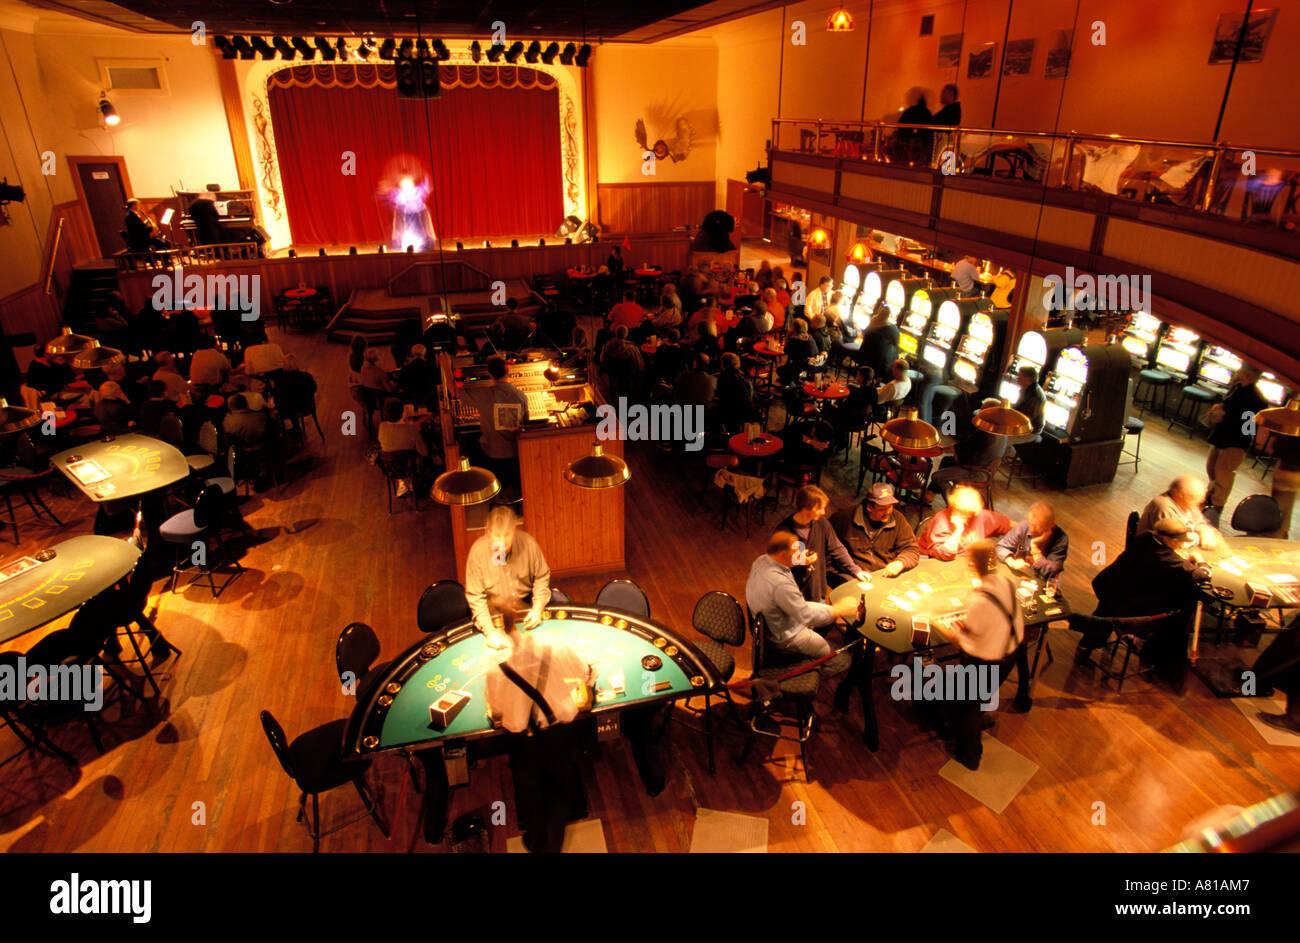 Casino dawson city canada